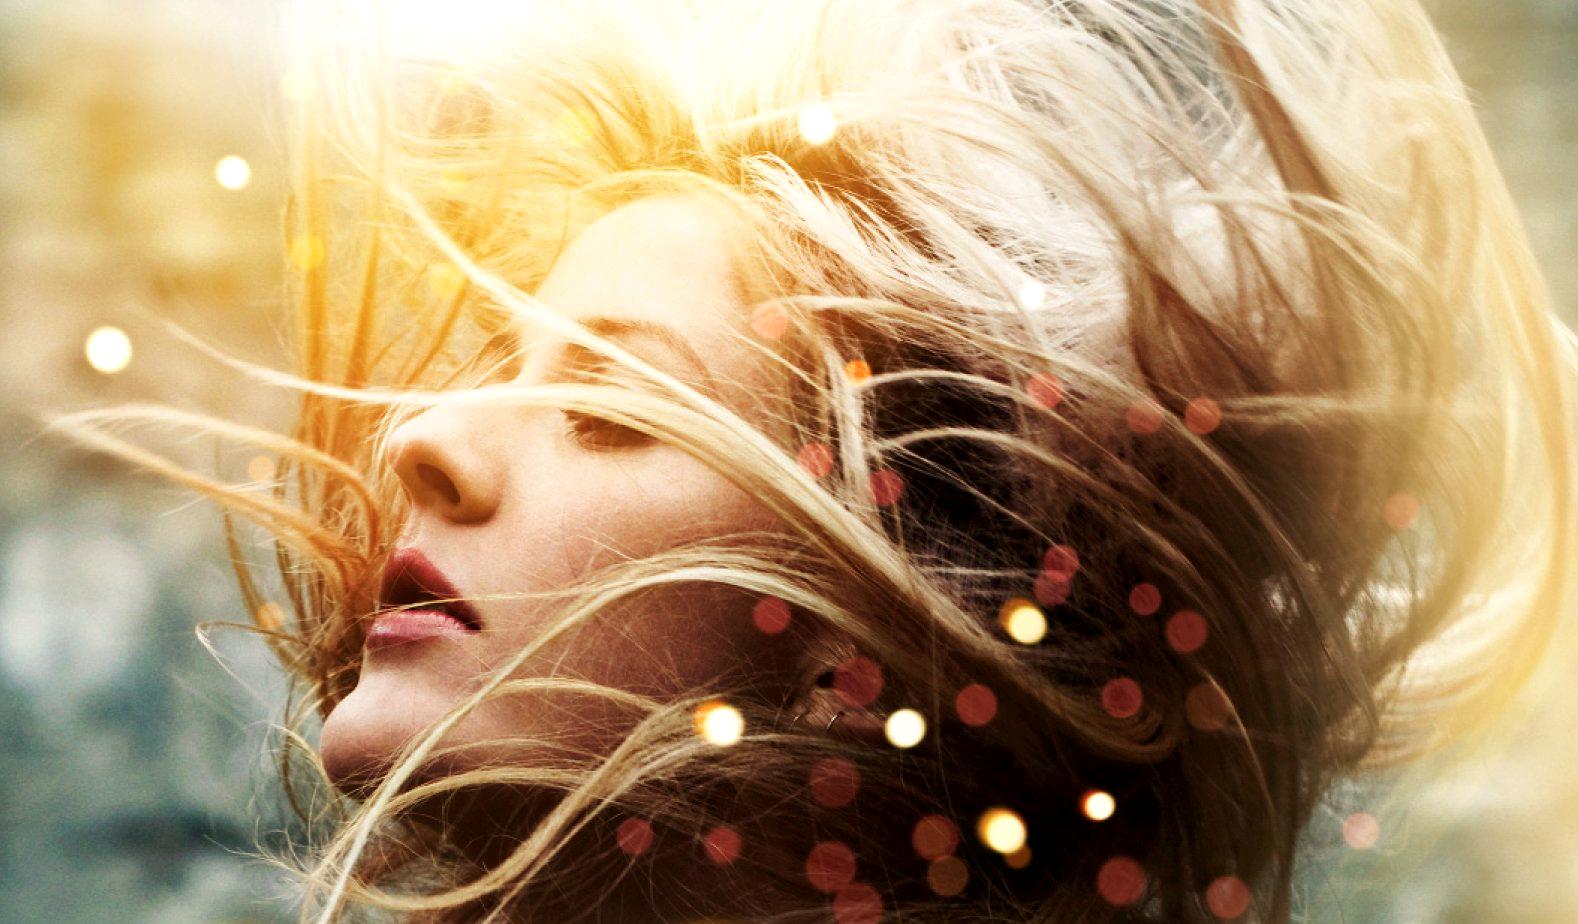 Ellie_Goulding_Bright_Lights_PNG.png